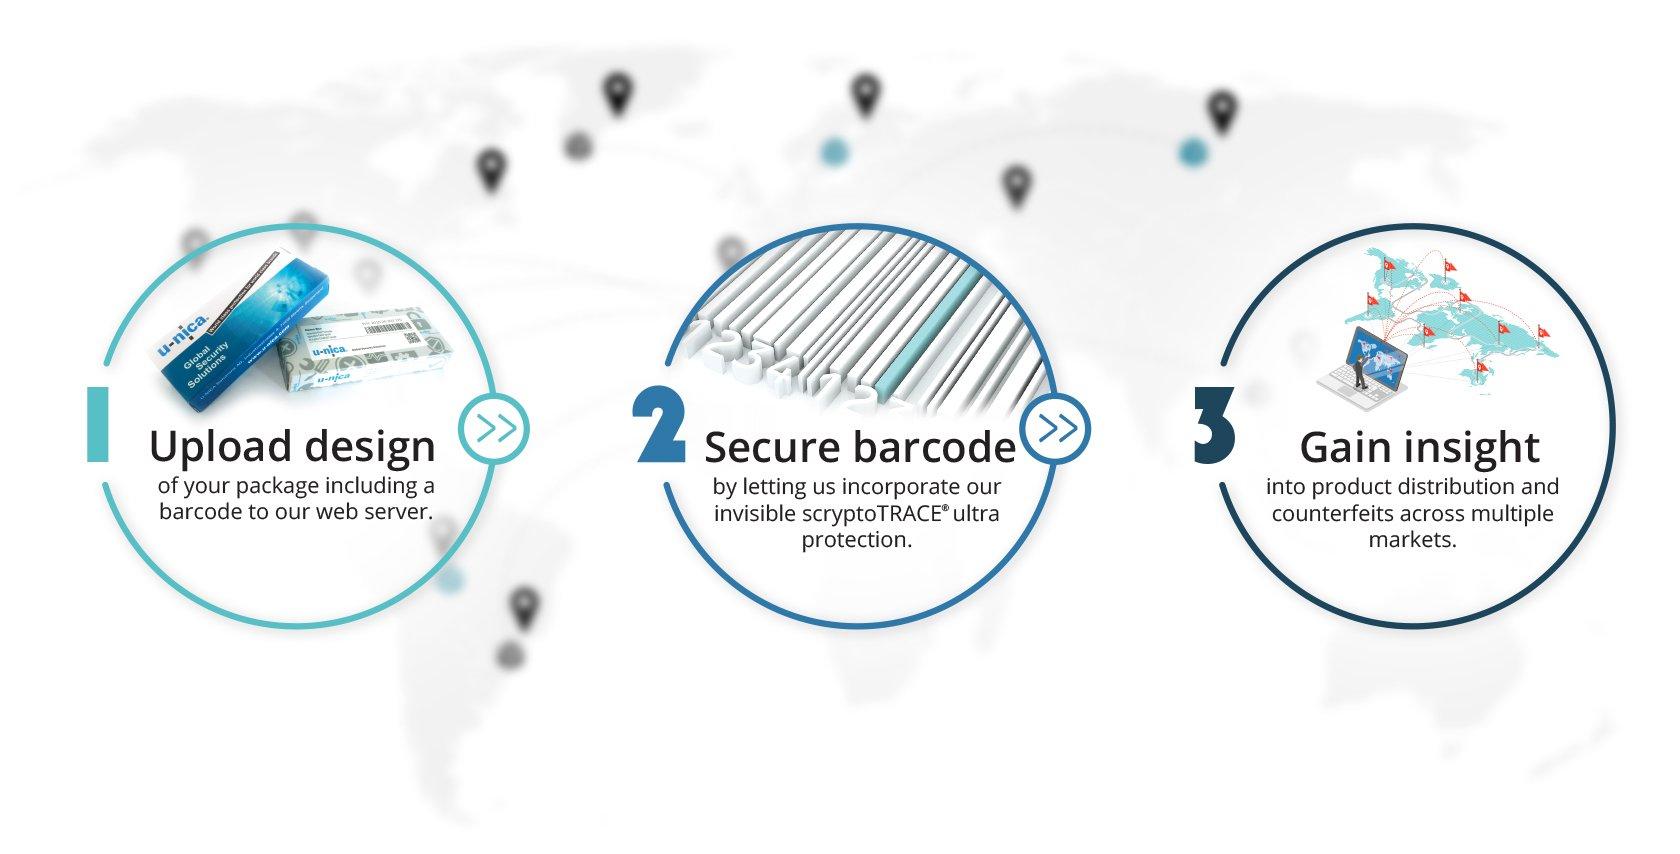 Process scryptoTRACE® ultra